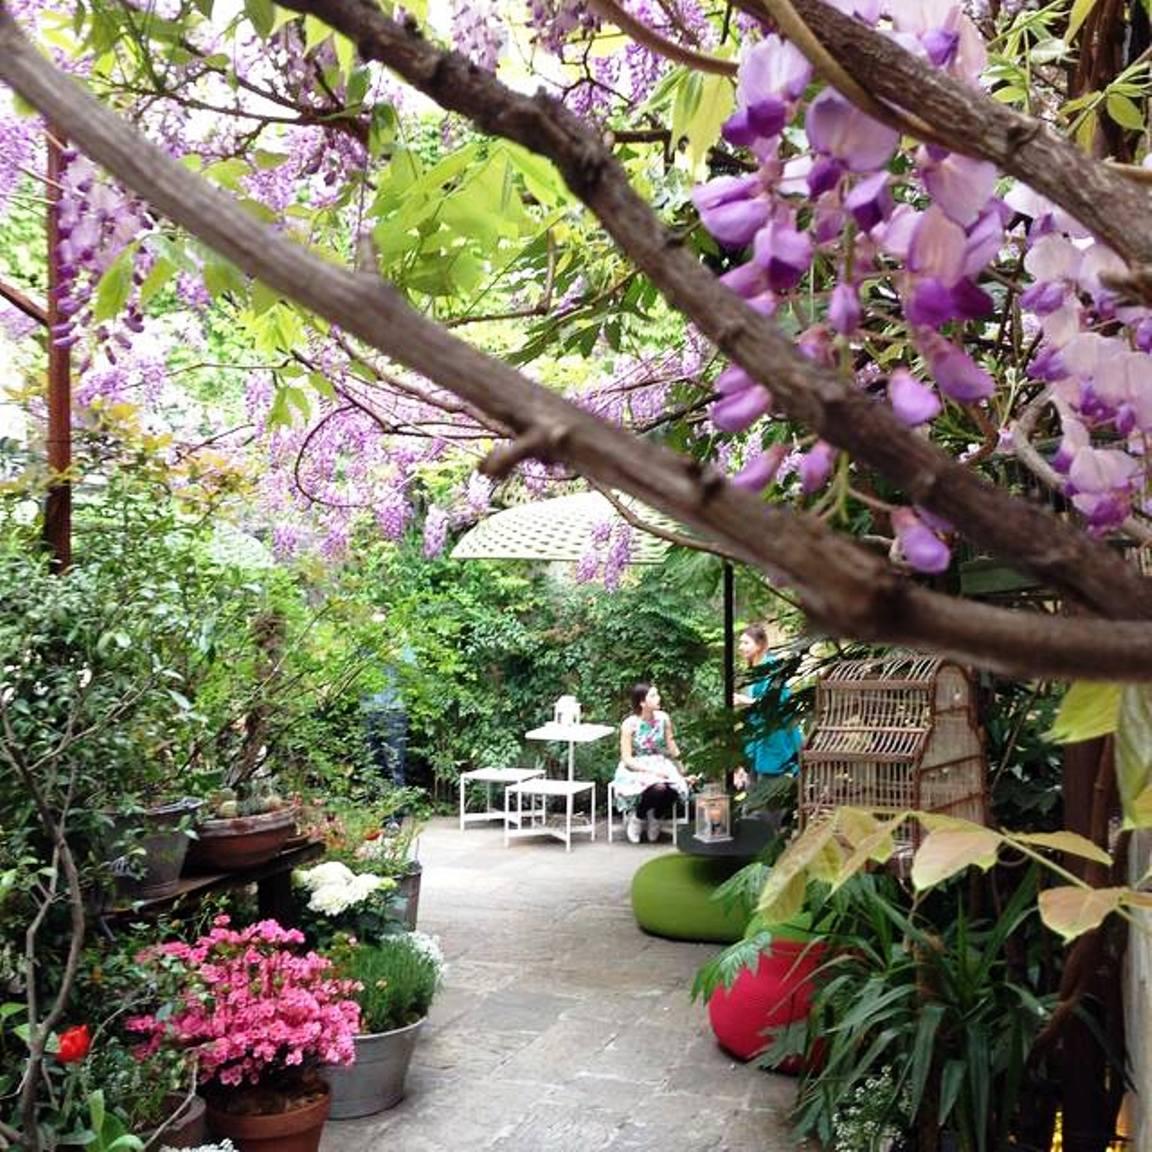 paola lenti rood top garden (2)